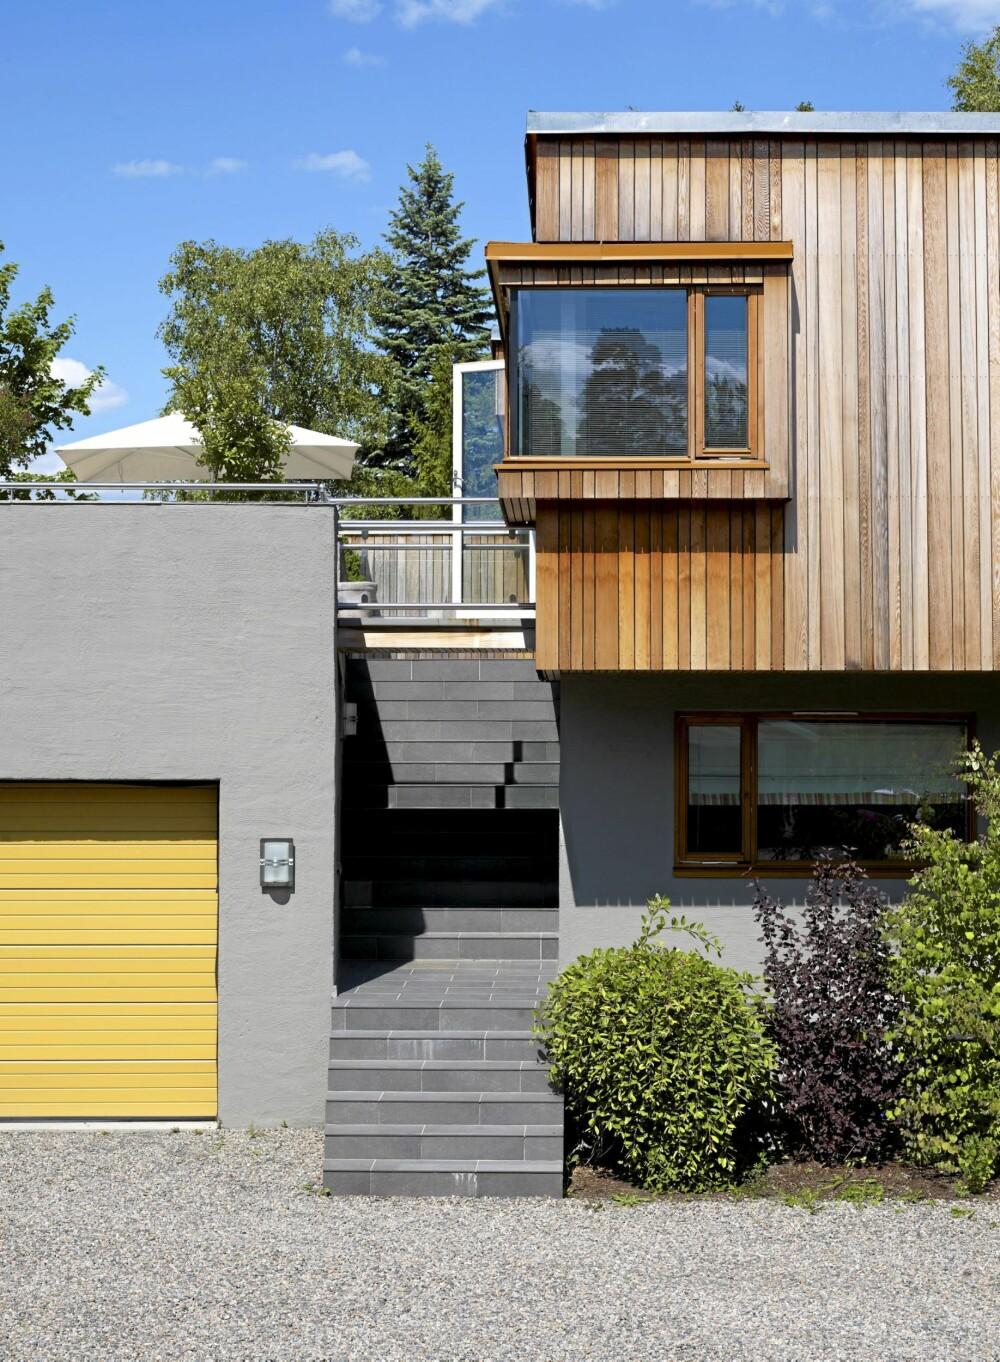 BINDER SAMMEN: Boligen er på 200 kvm og har en stor terrasse på garasjetaket. Sivilarkitekt MNAL Kristian Vårvik tegnet en bro som binder bygningene sammen.